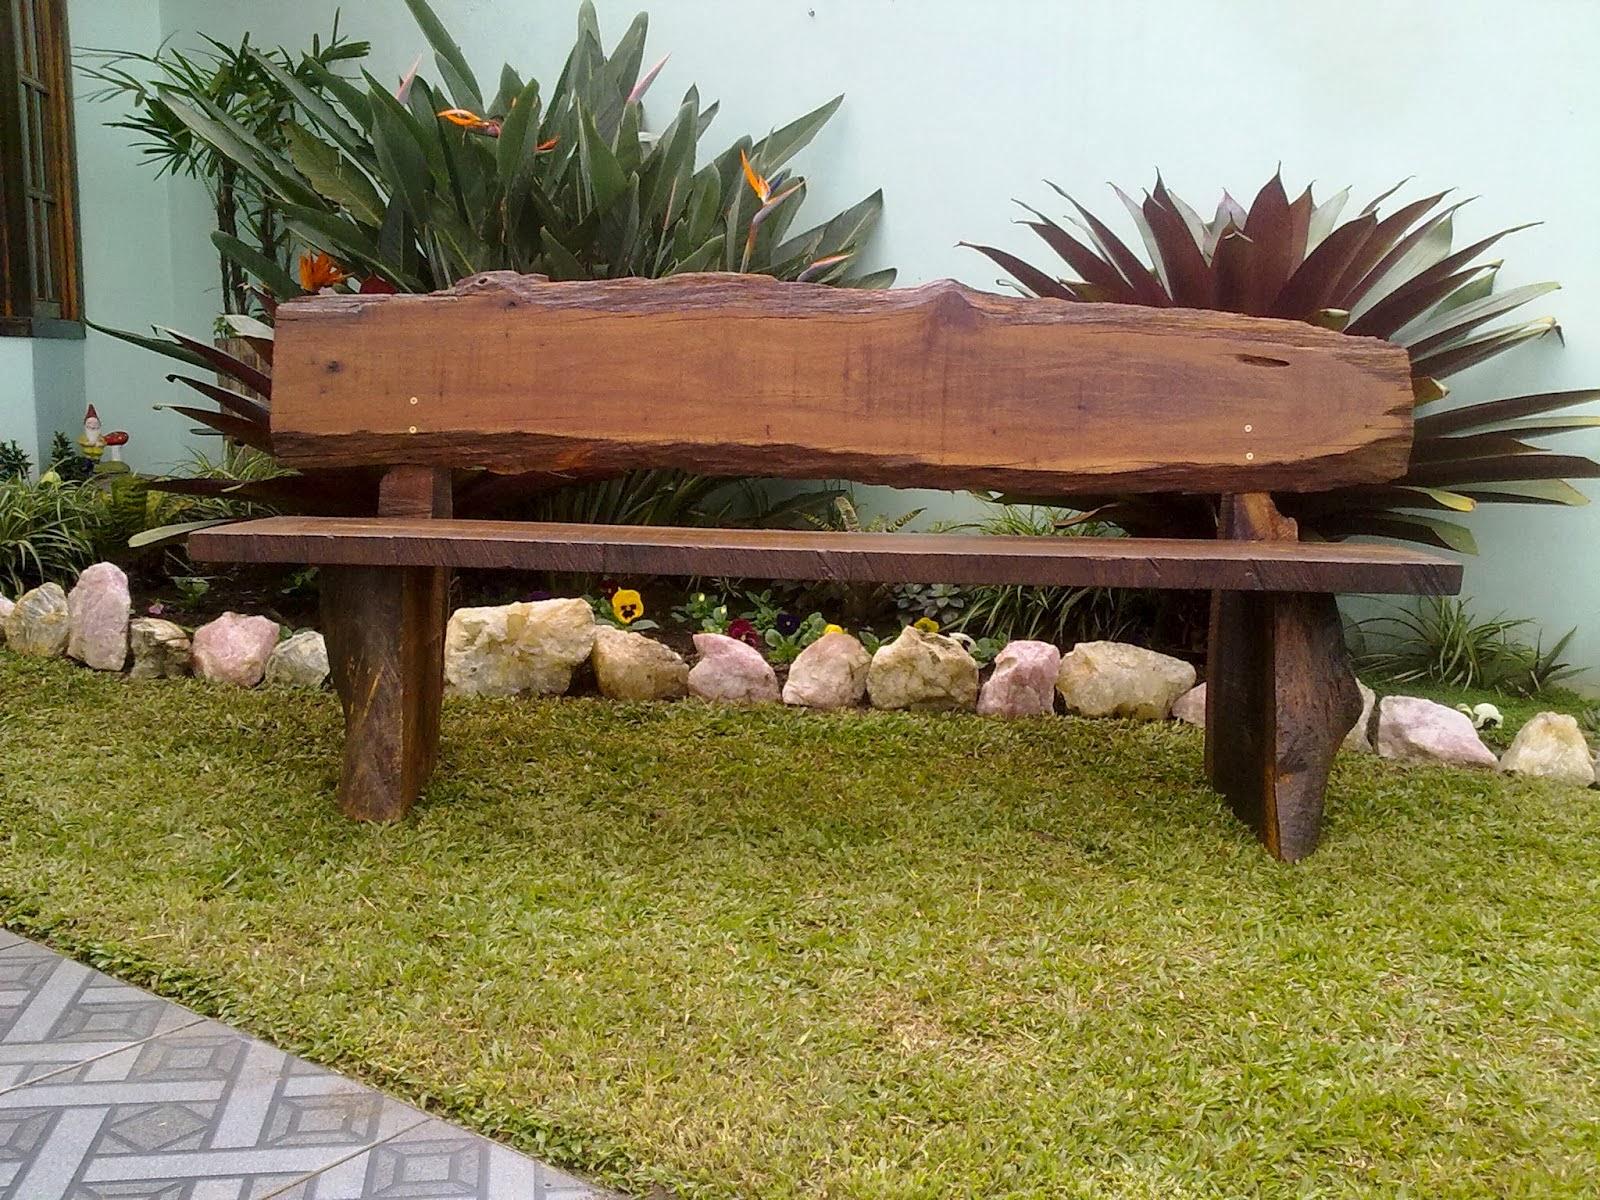 banco de jardim de madeira: Decoração: Ideias para Bancos de Jardim  #887B35 1600x1200